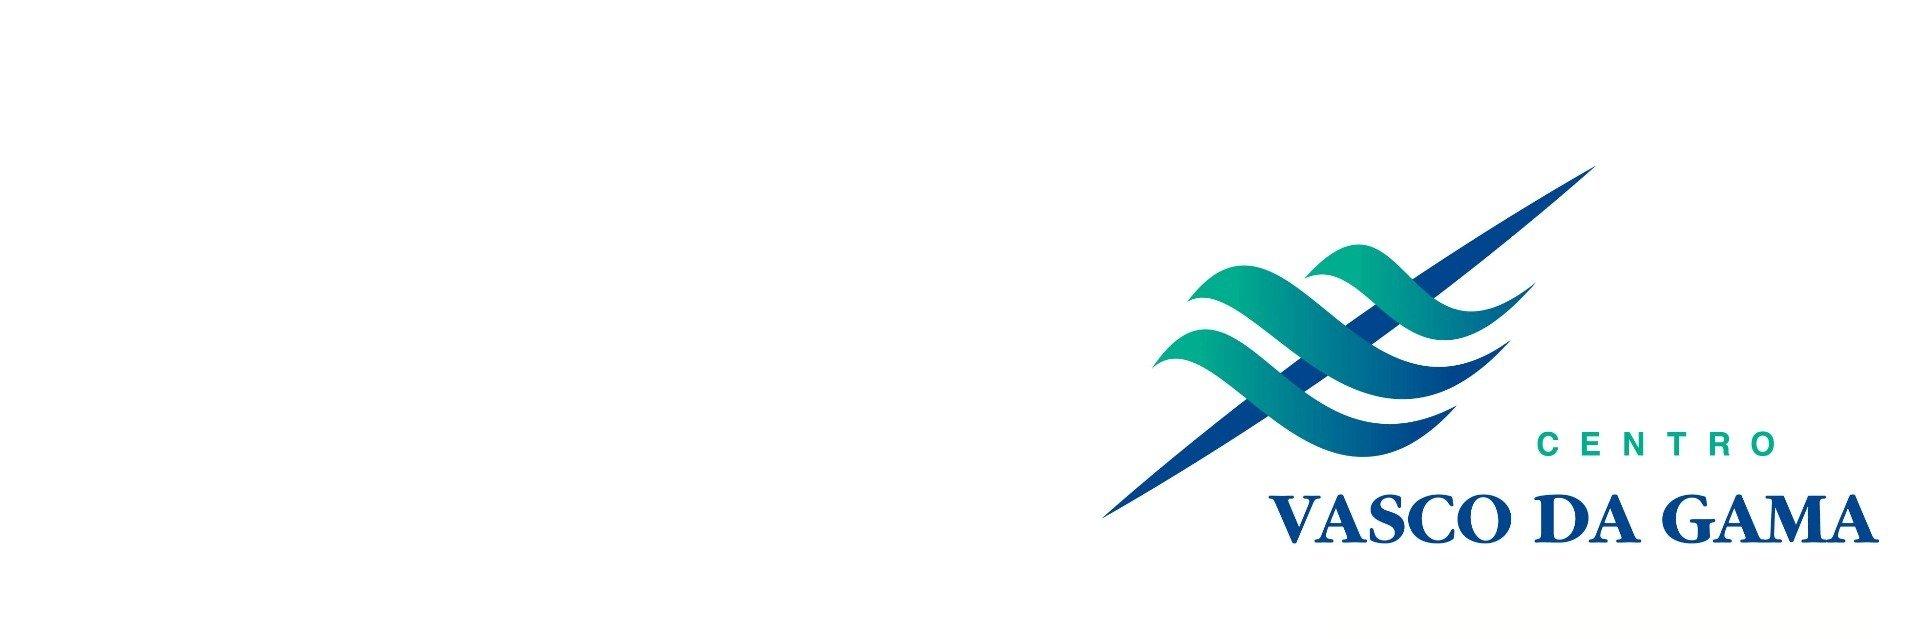 Centro Vasco da Gama lança campanha de apoio à Rede de Emergência Alimentar